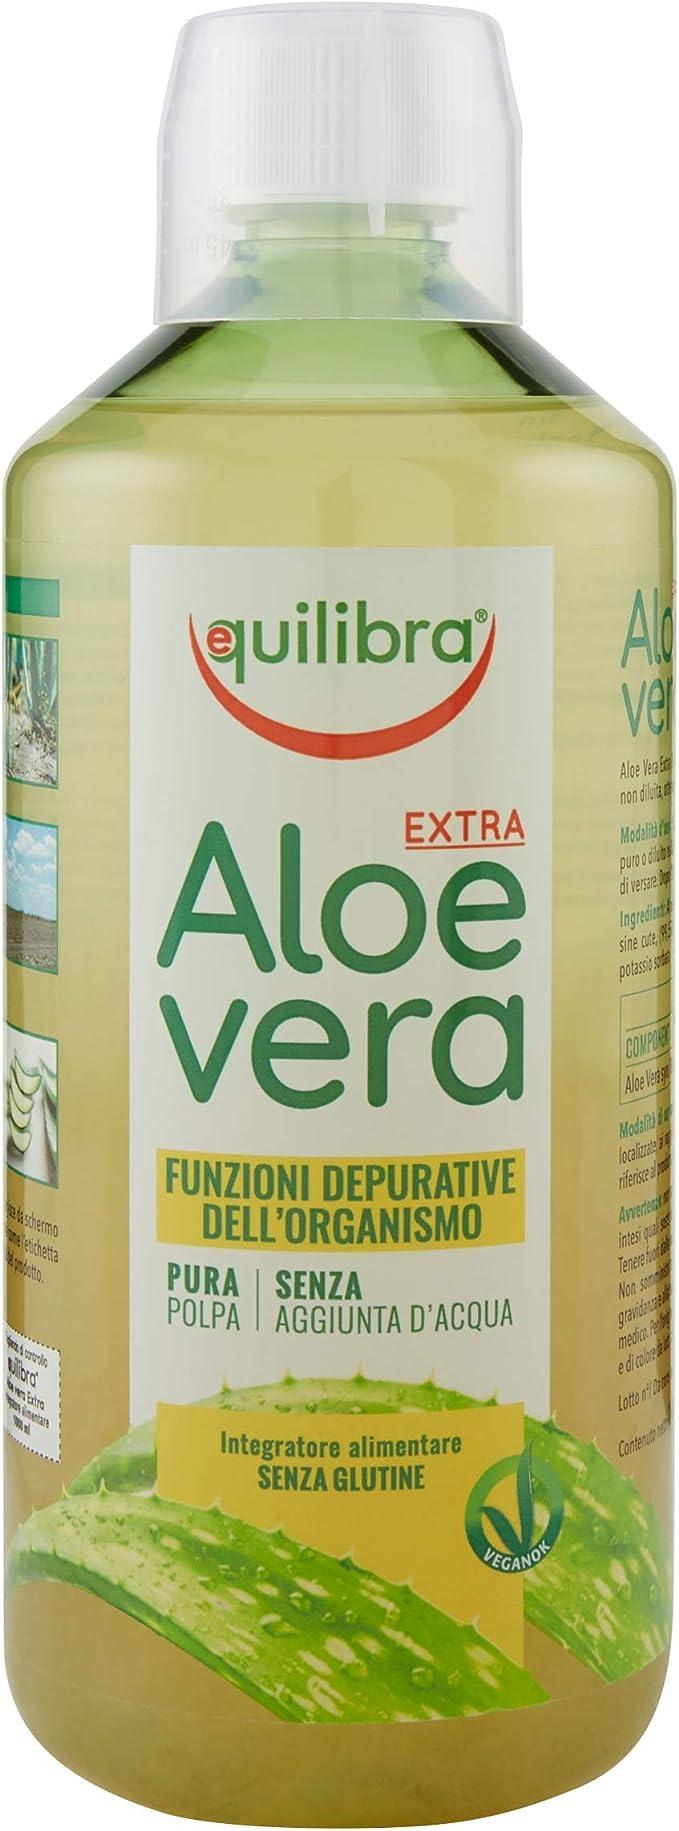 2344 opinioni per Equilibra Integratori Alimentari, Aloe